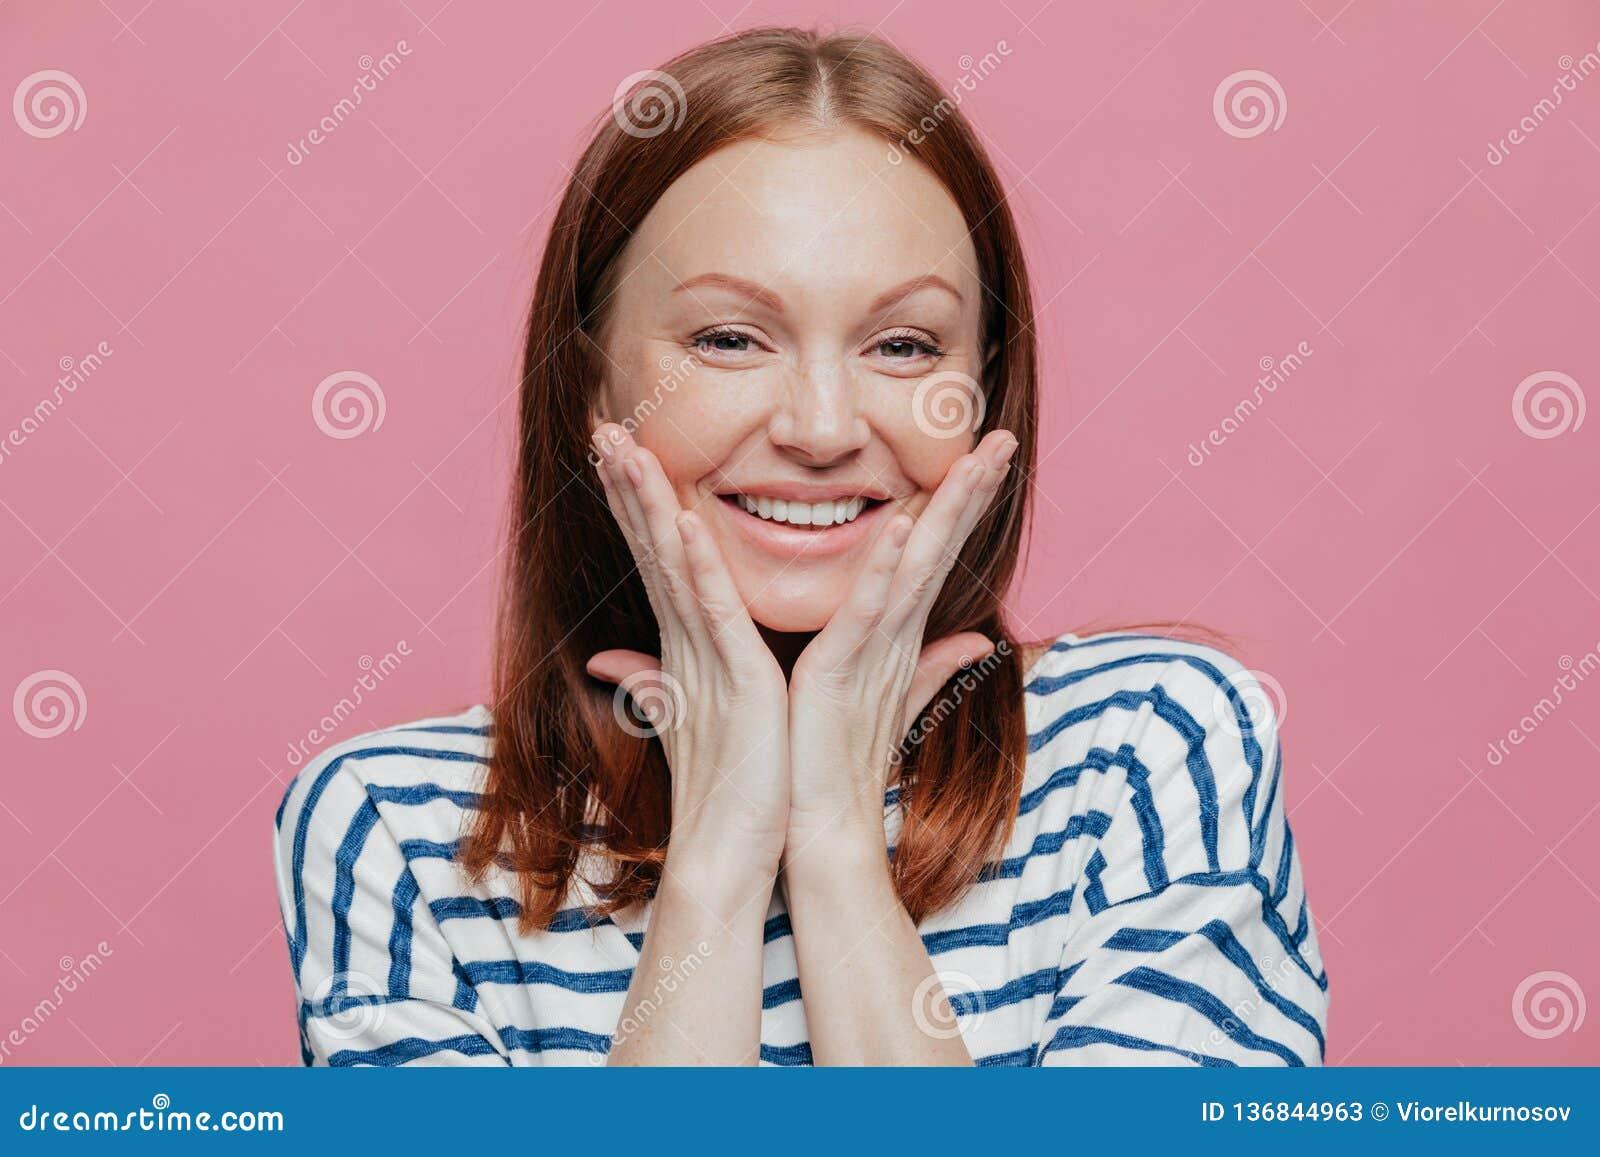 微笑的年轻欧洲妇女特写有广泛地组成,微笑,保留在面颊的手,显示她的秀丽,表达好